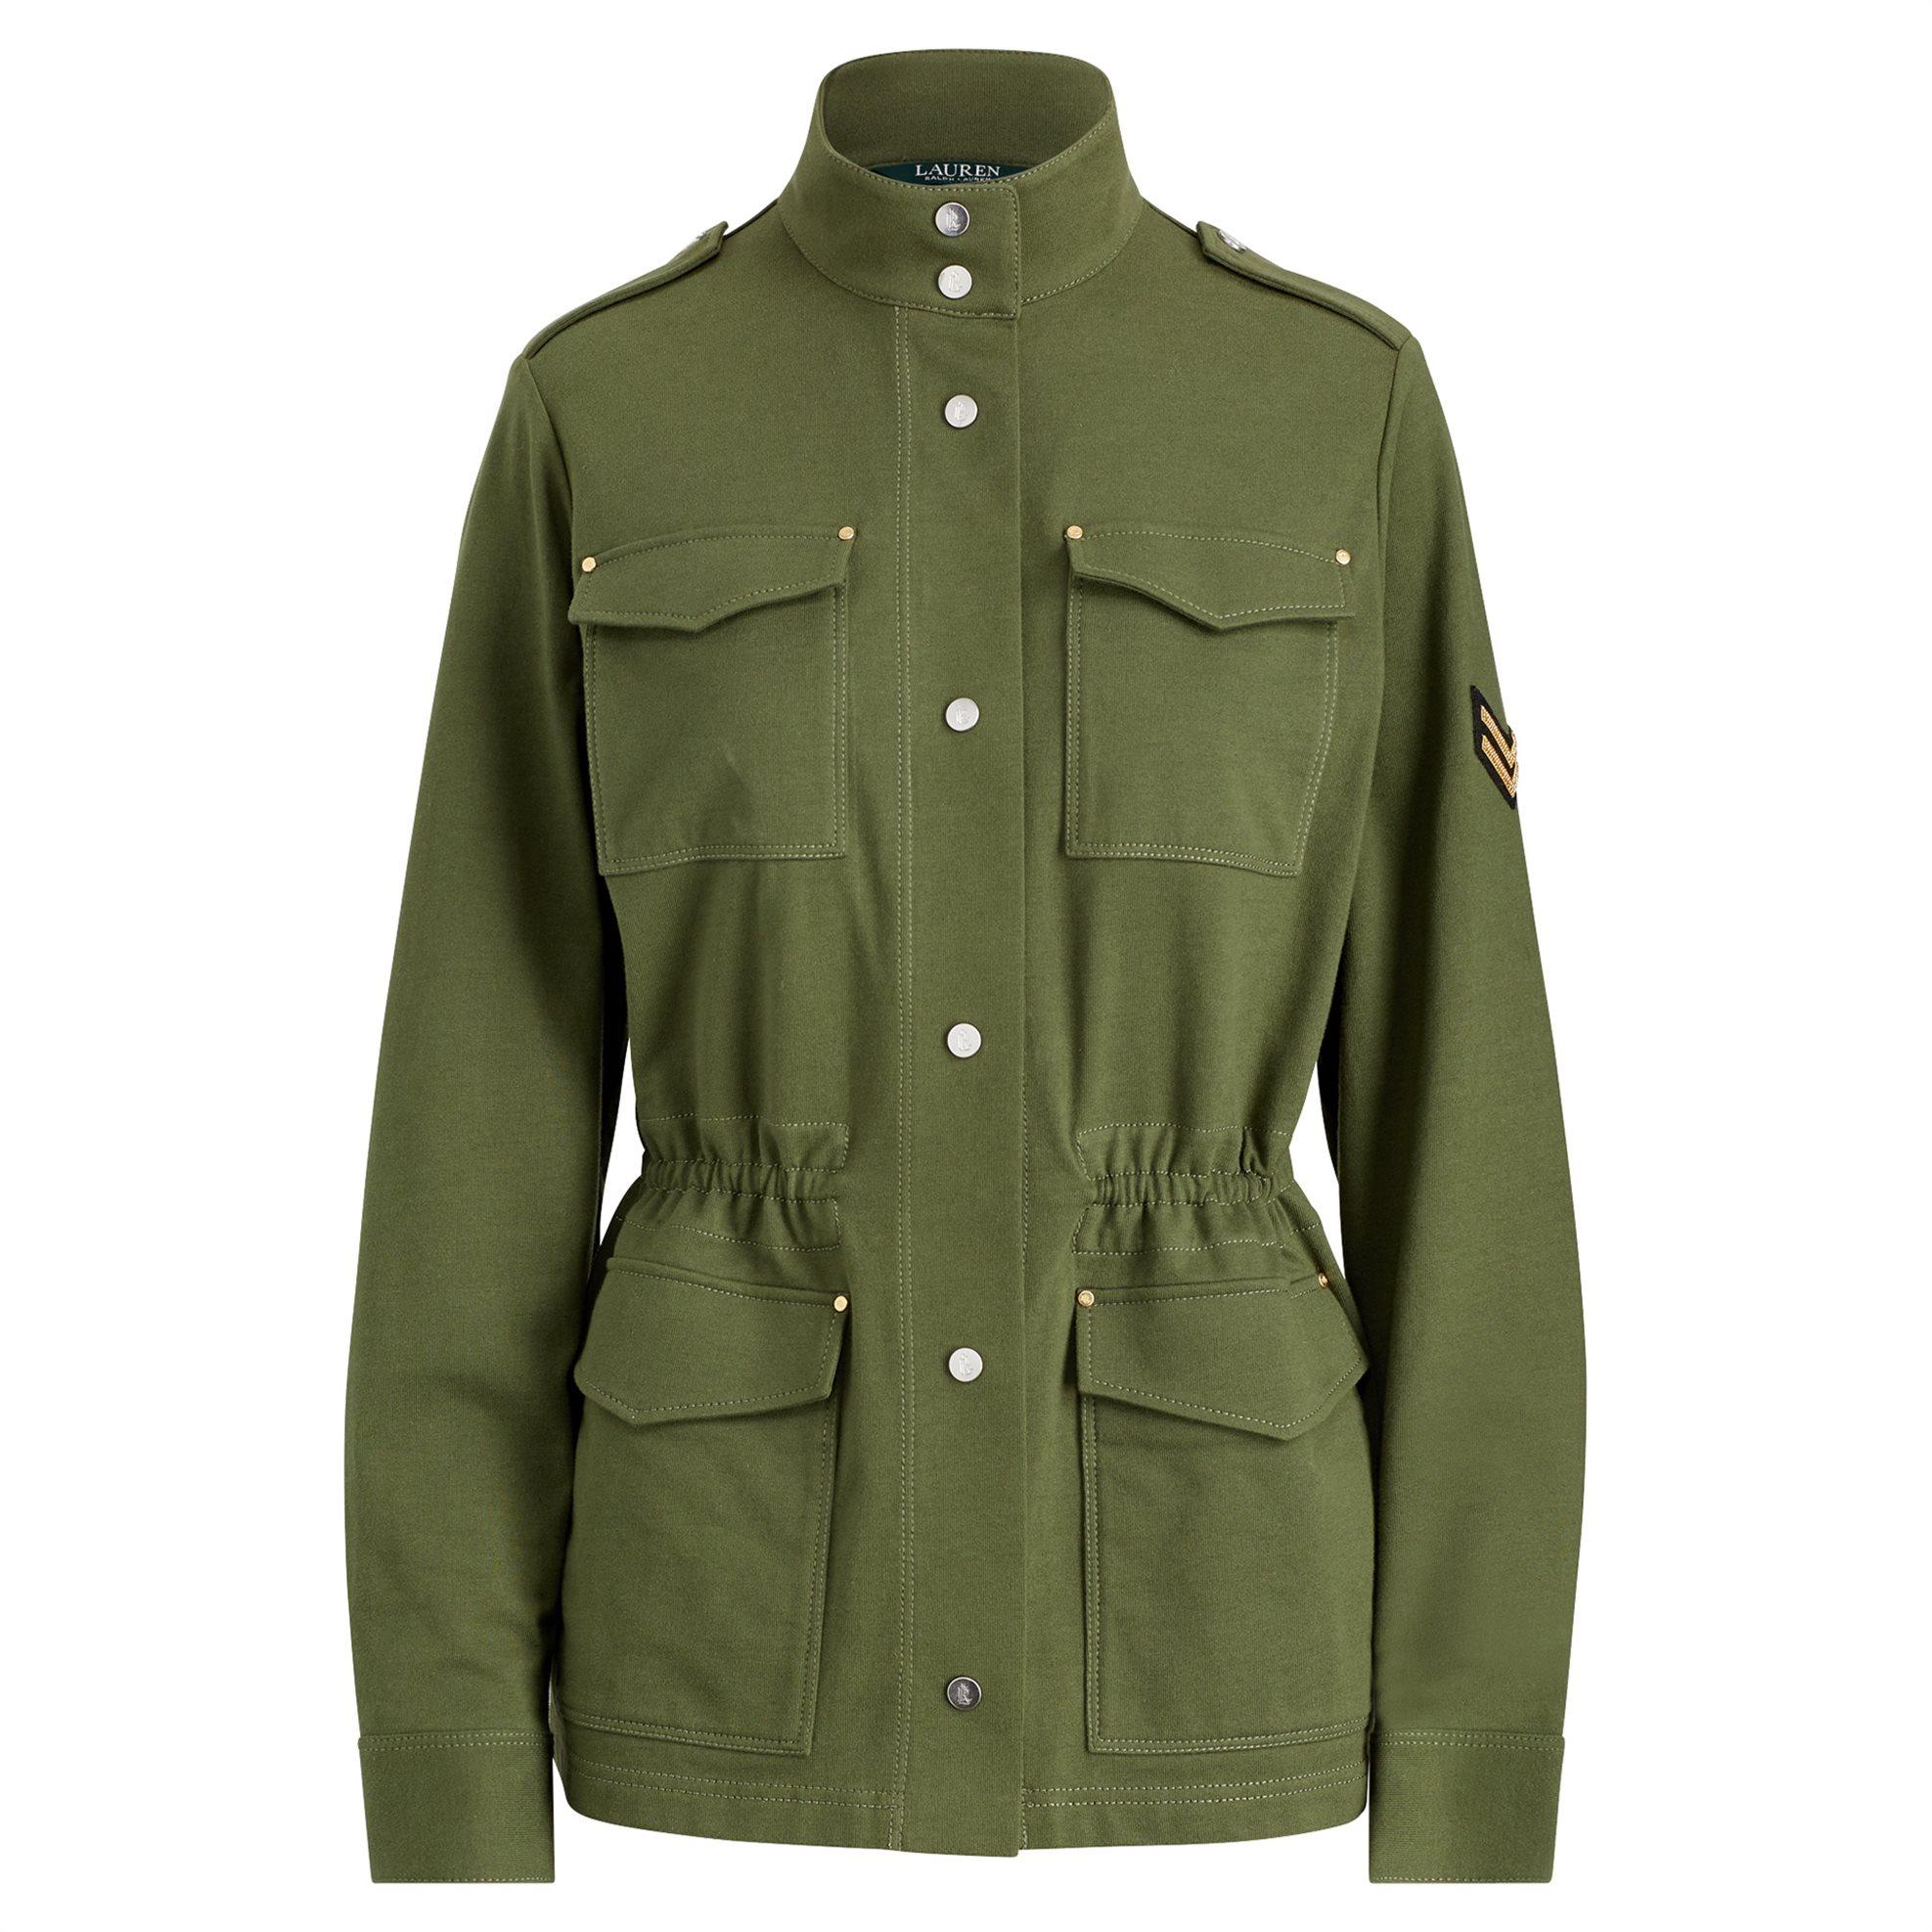 Notos Lauren Ralph Lauren γυναικείο Jacket Cotton Military Jacket -  200711793001 - Χακί 8d93a6acb97